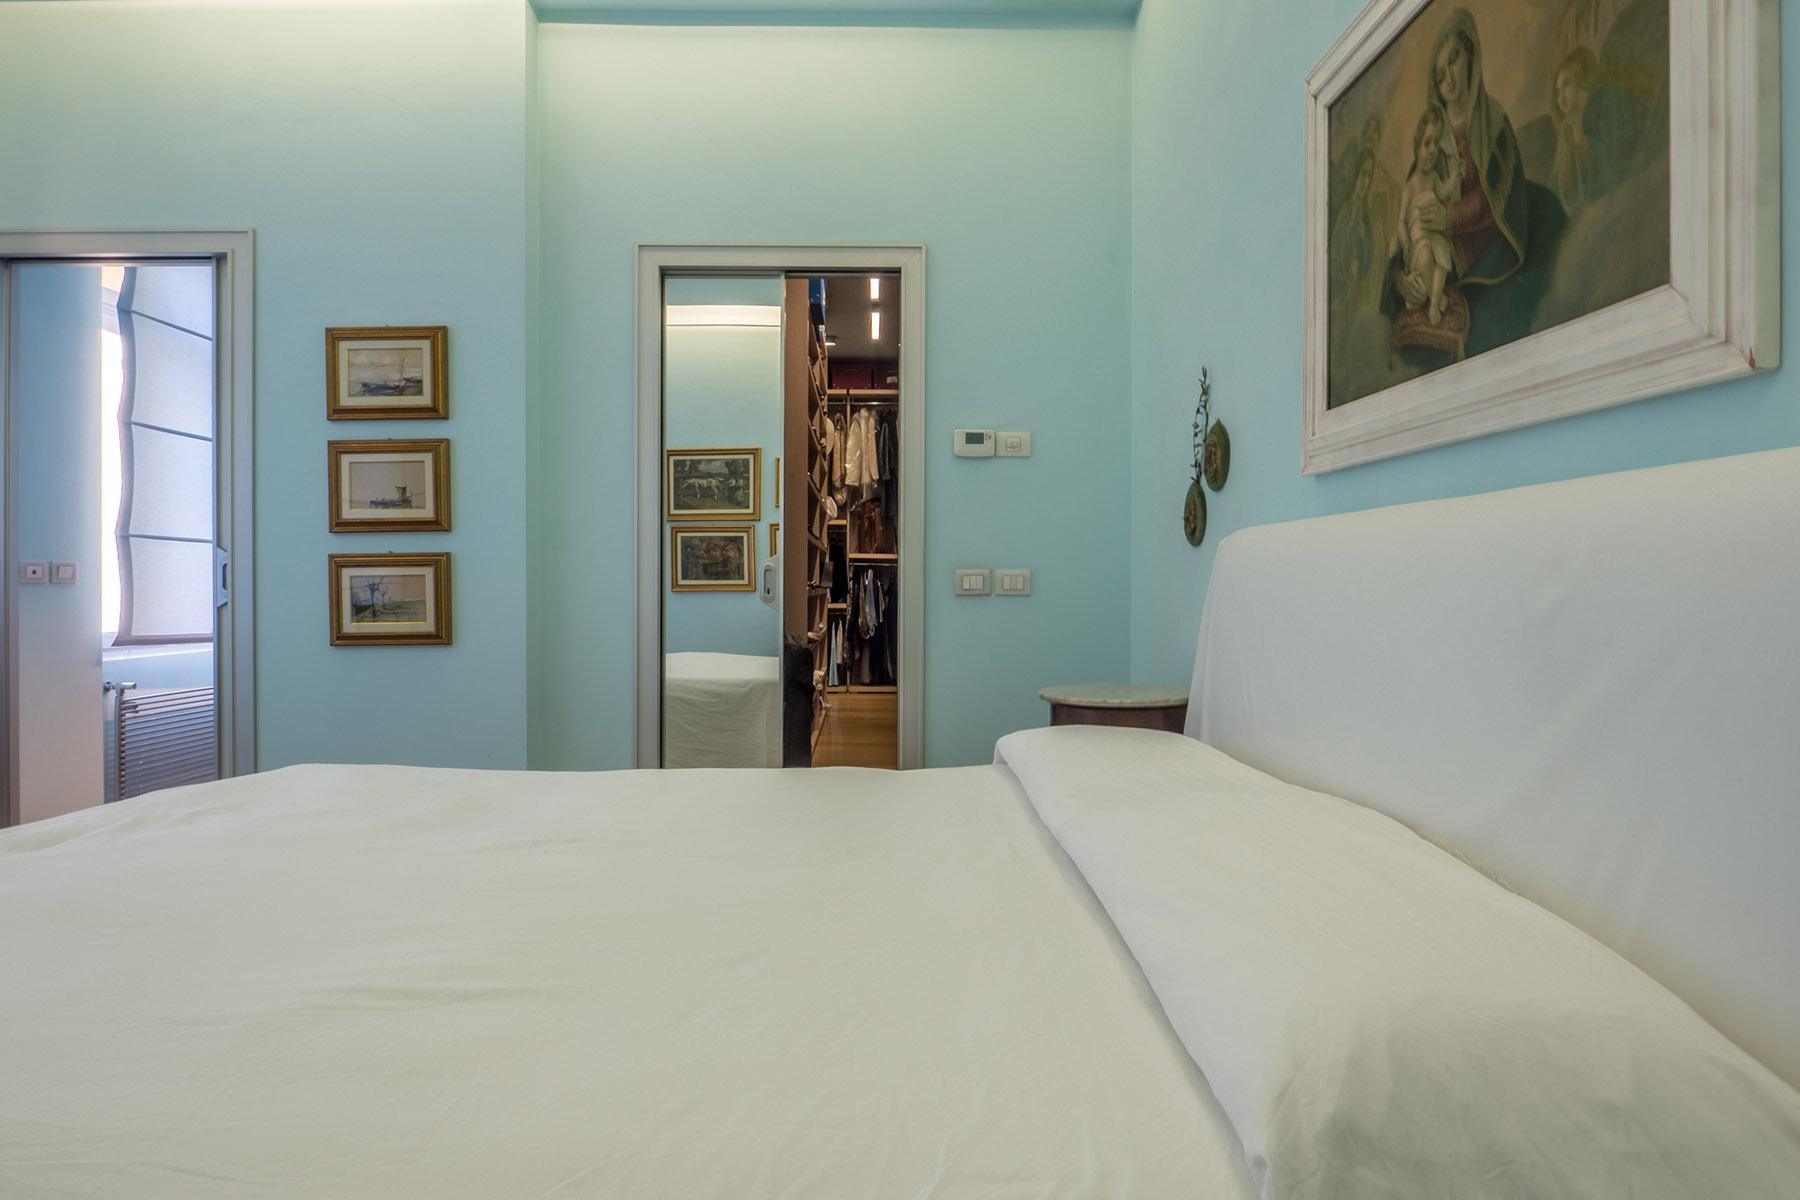 Appartamento in Vendita a Torino: 4 locali, 148 mq - Foto 12